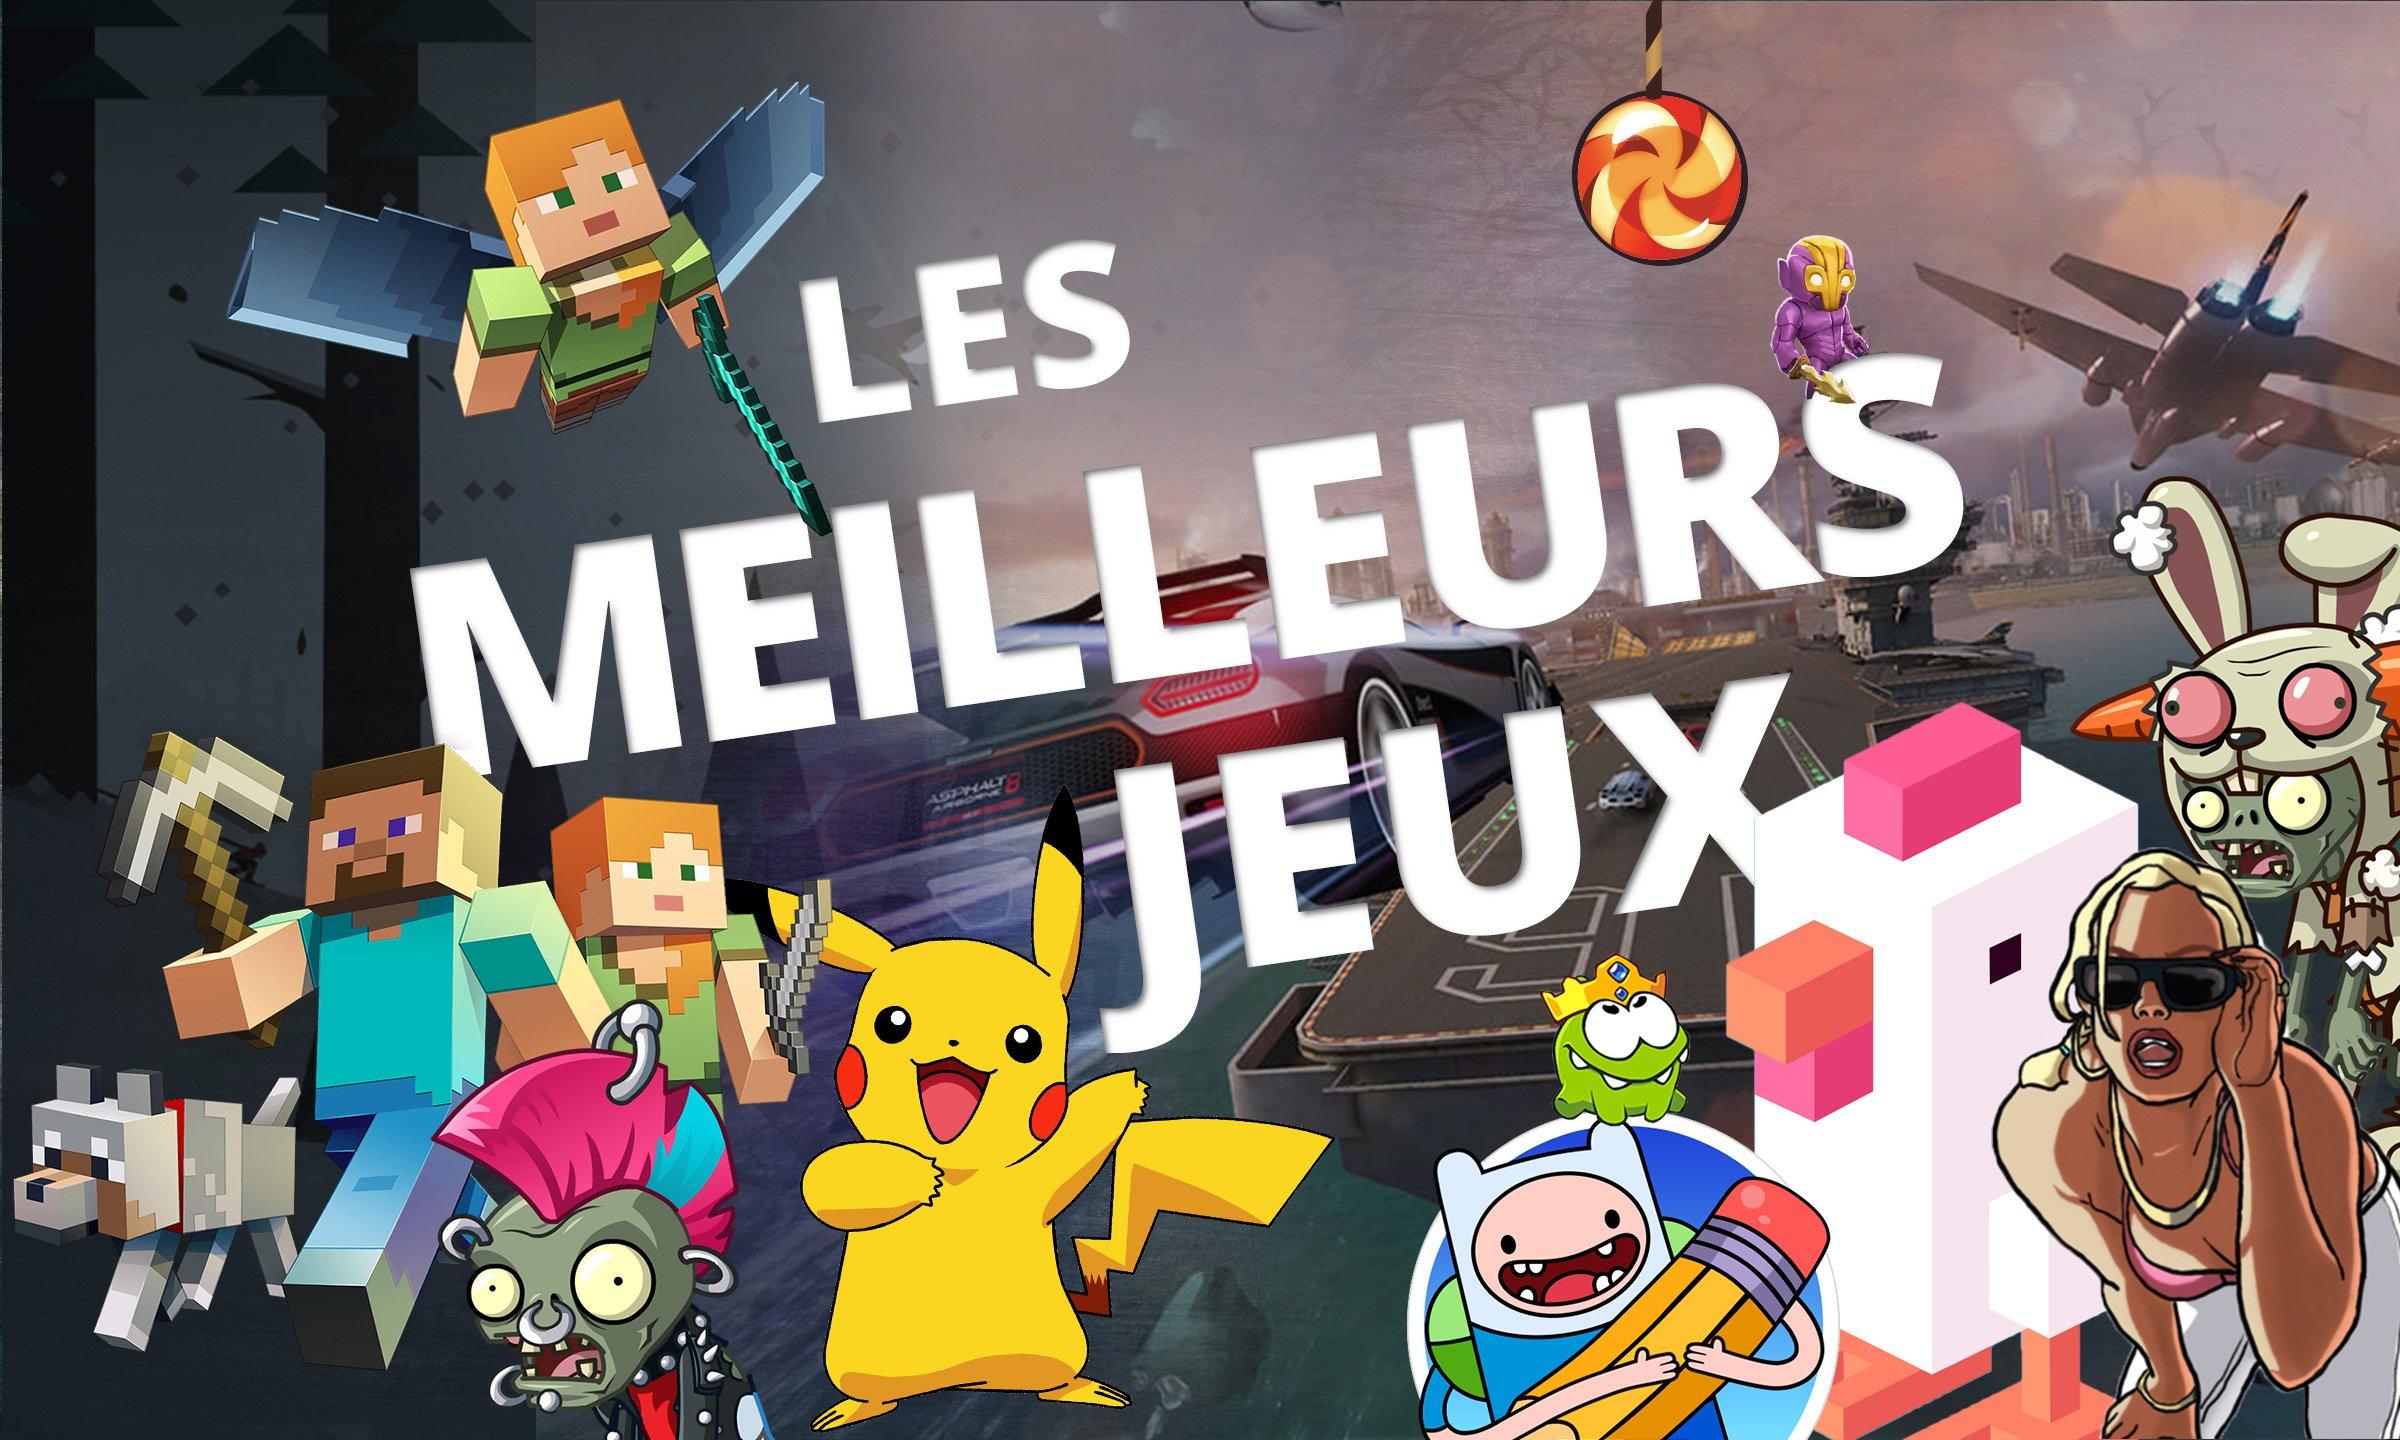 Jouer Jeux De Strategie En Ligne Gratuit - Primanyc concernant Jeux Gratuit Pour Garçon